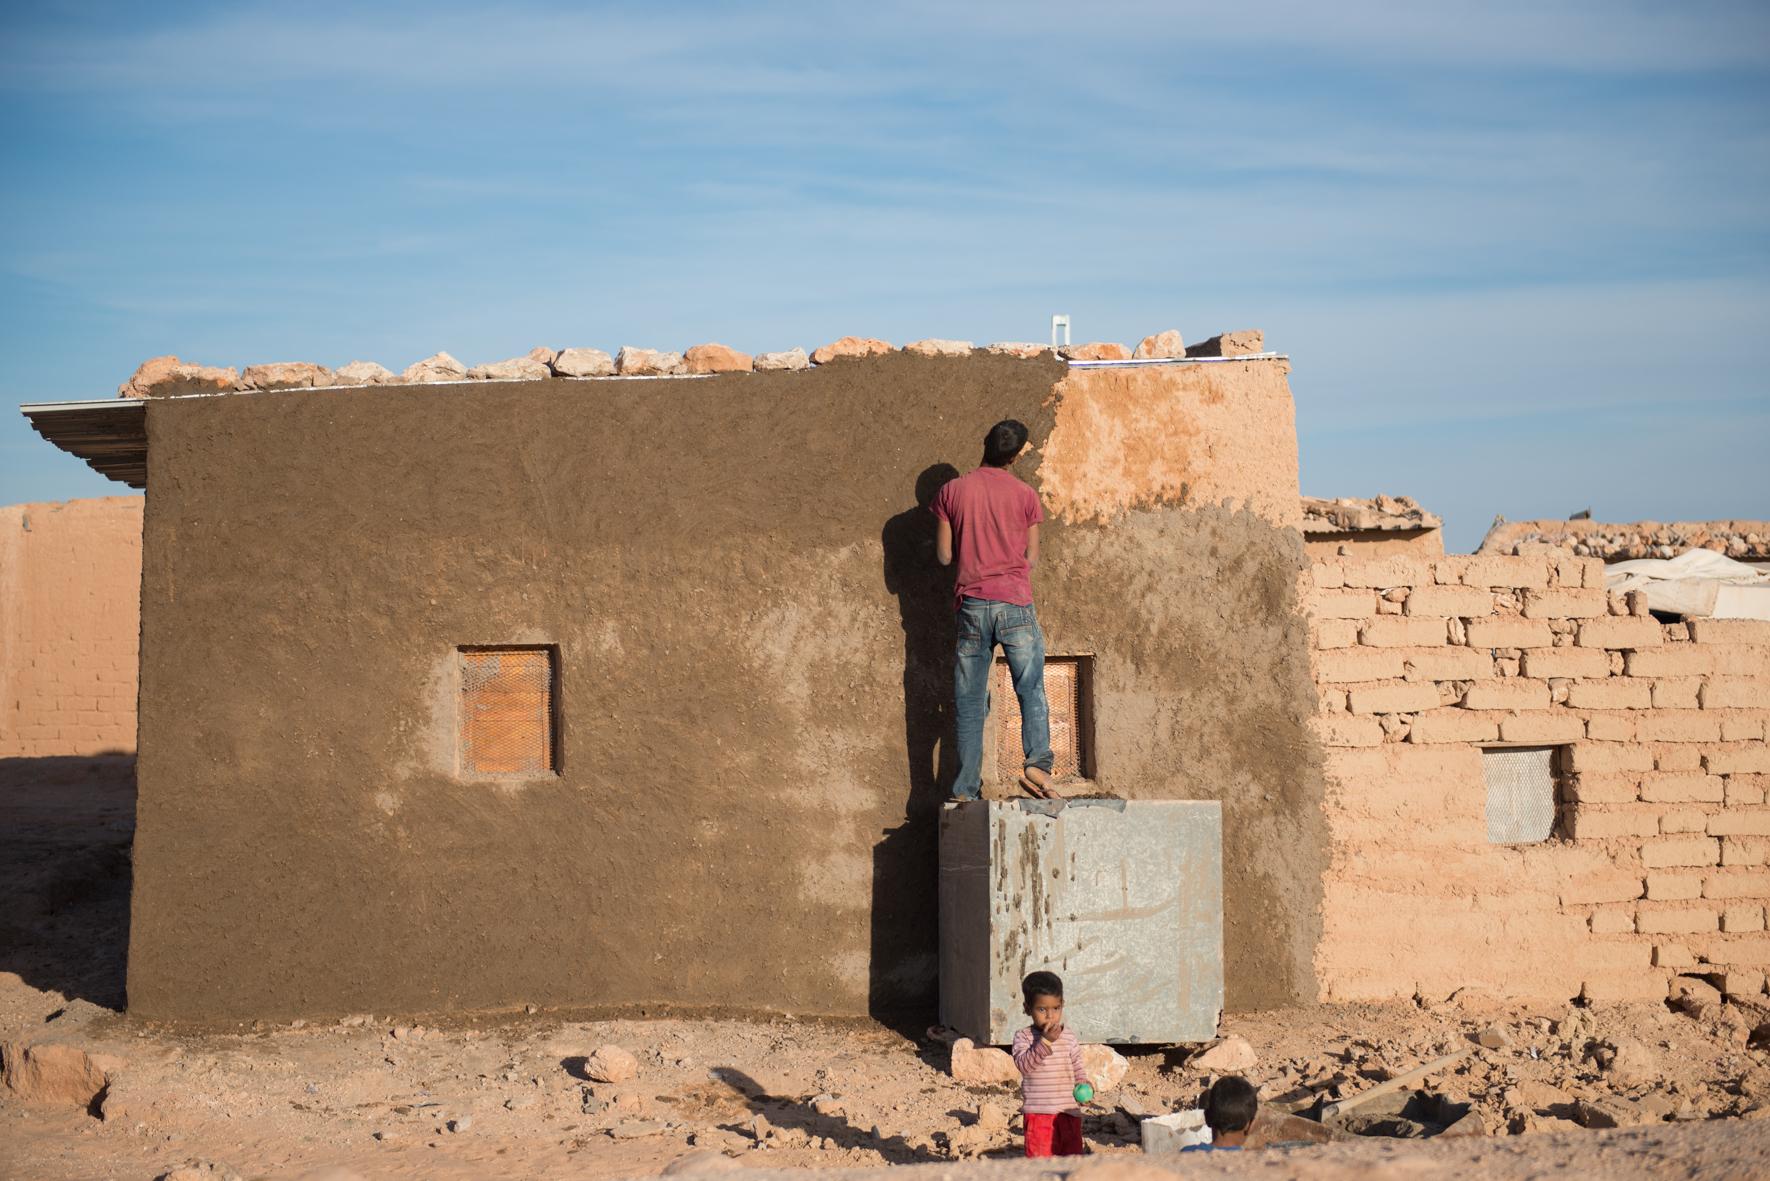 SaharaReparation